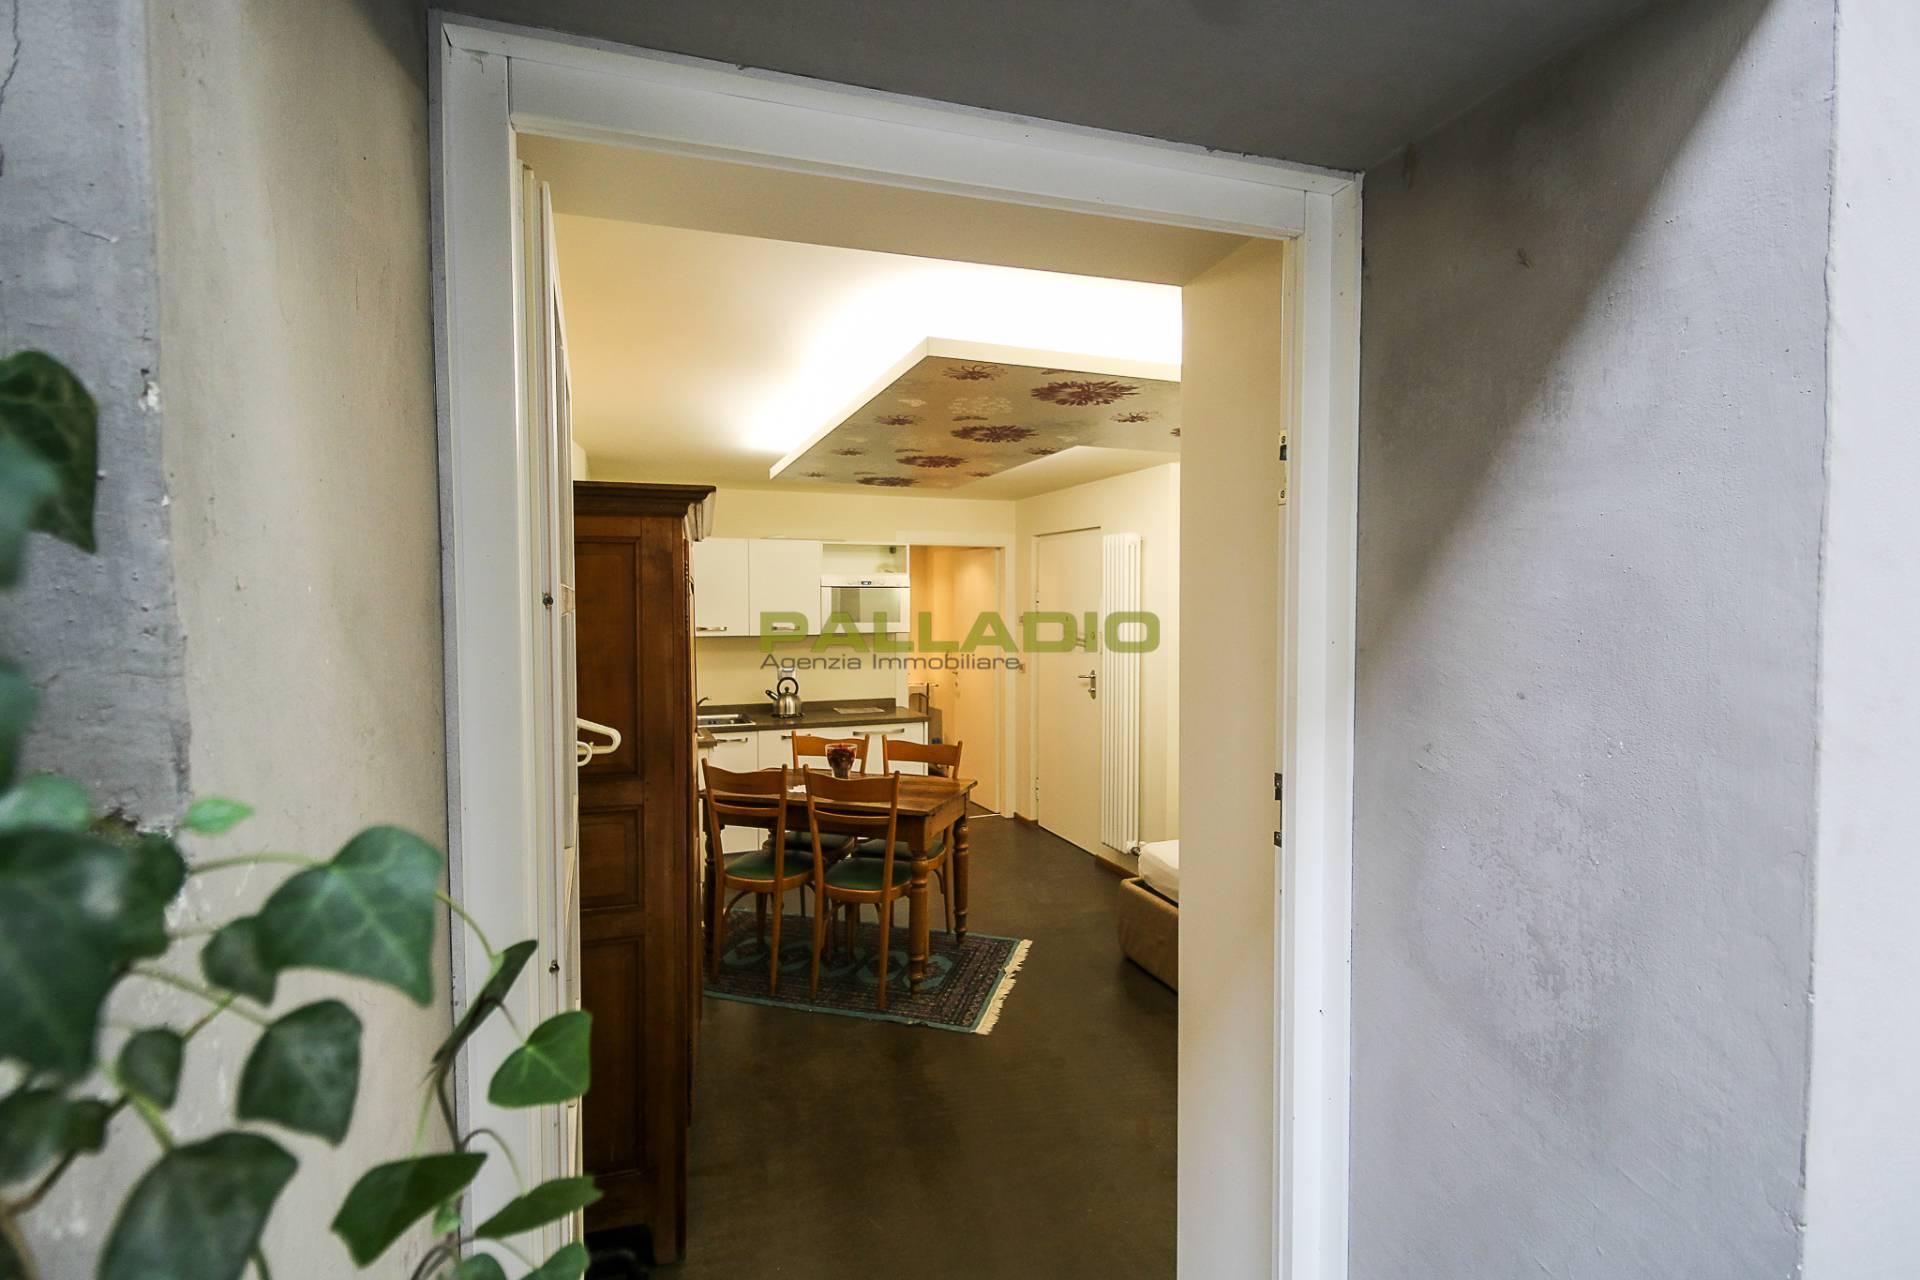 Appartamento in vendita a Aosta, 1 locali, zona Zona: Centro, prezzo € 115.000   CambioCasa.it